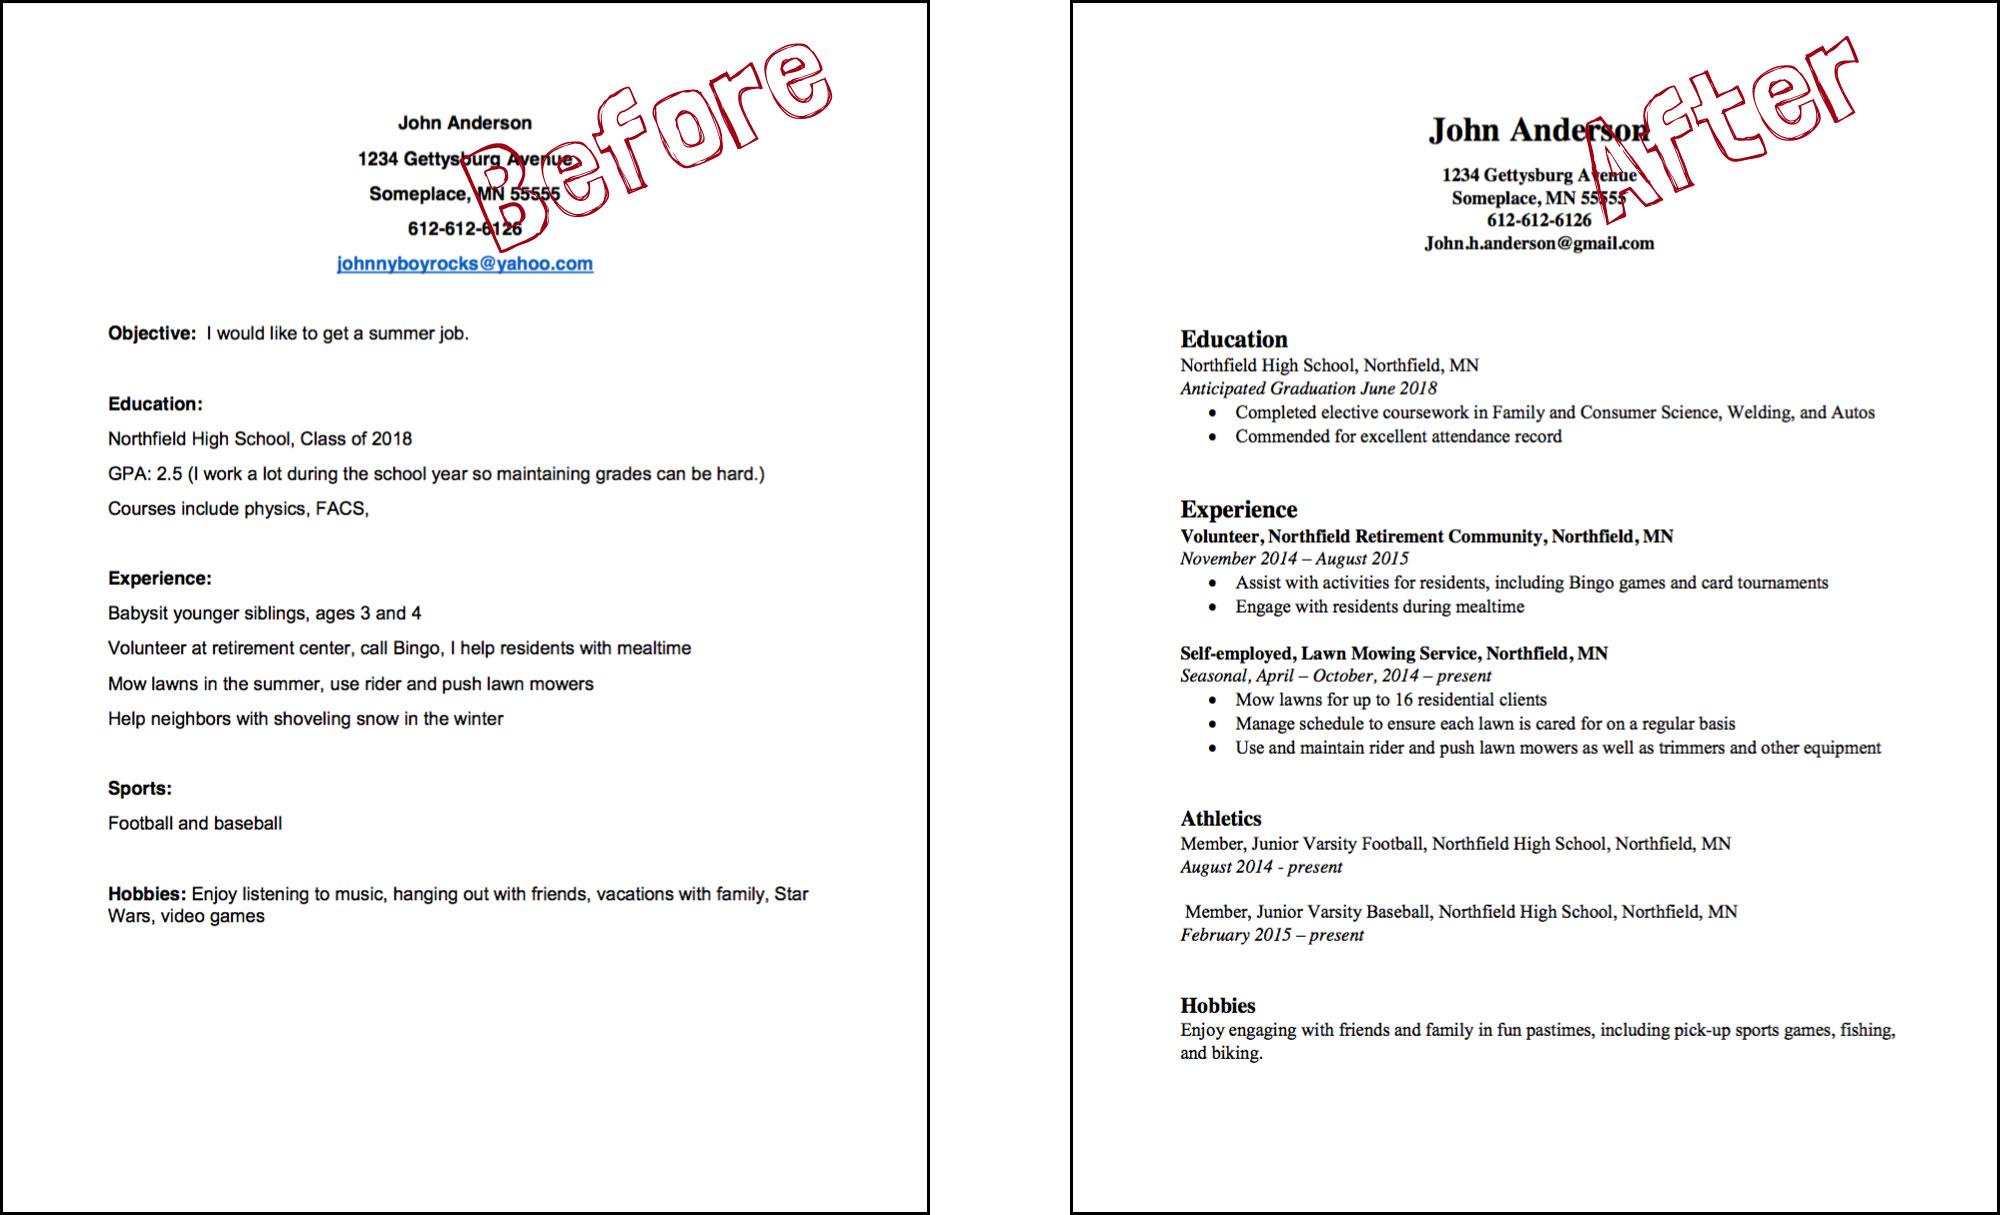 Resume Cover Letter Resume1 resume cover letter wikiresume.com